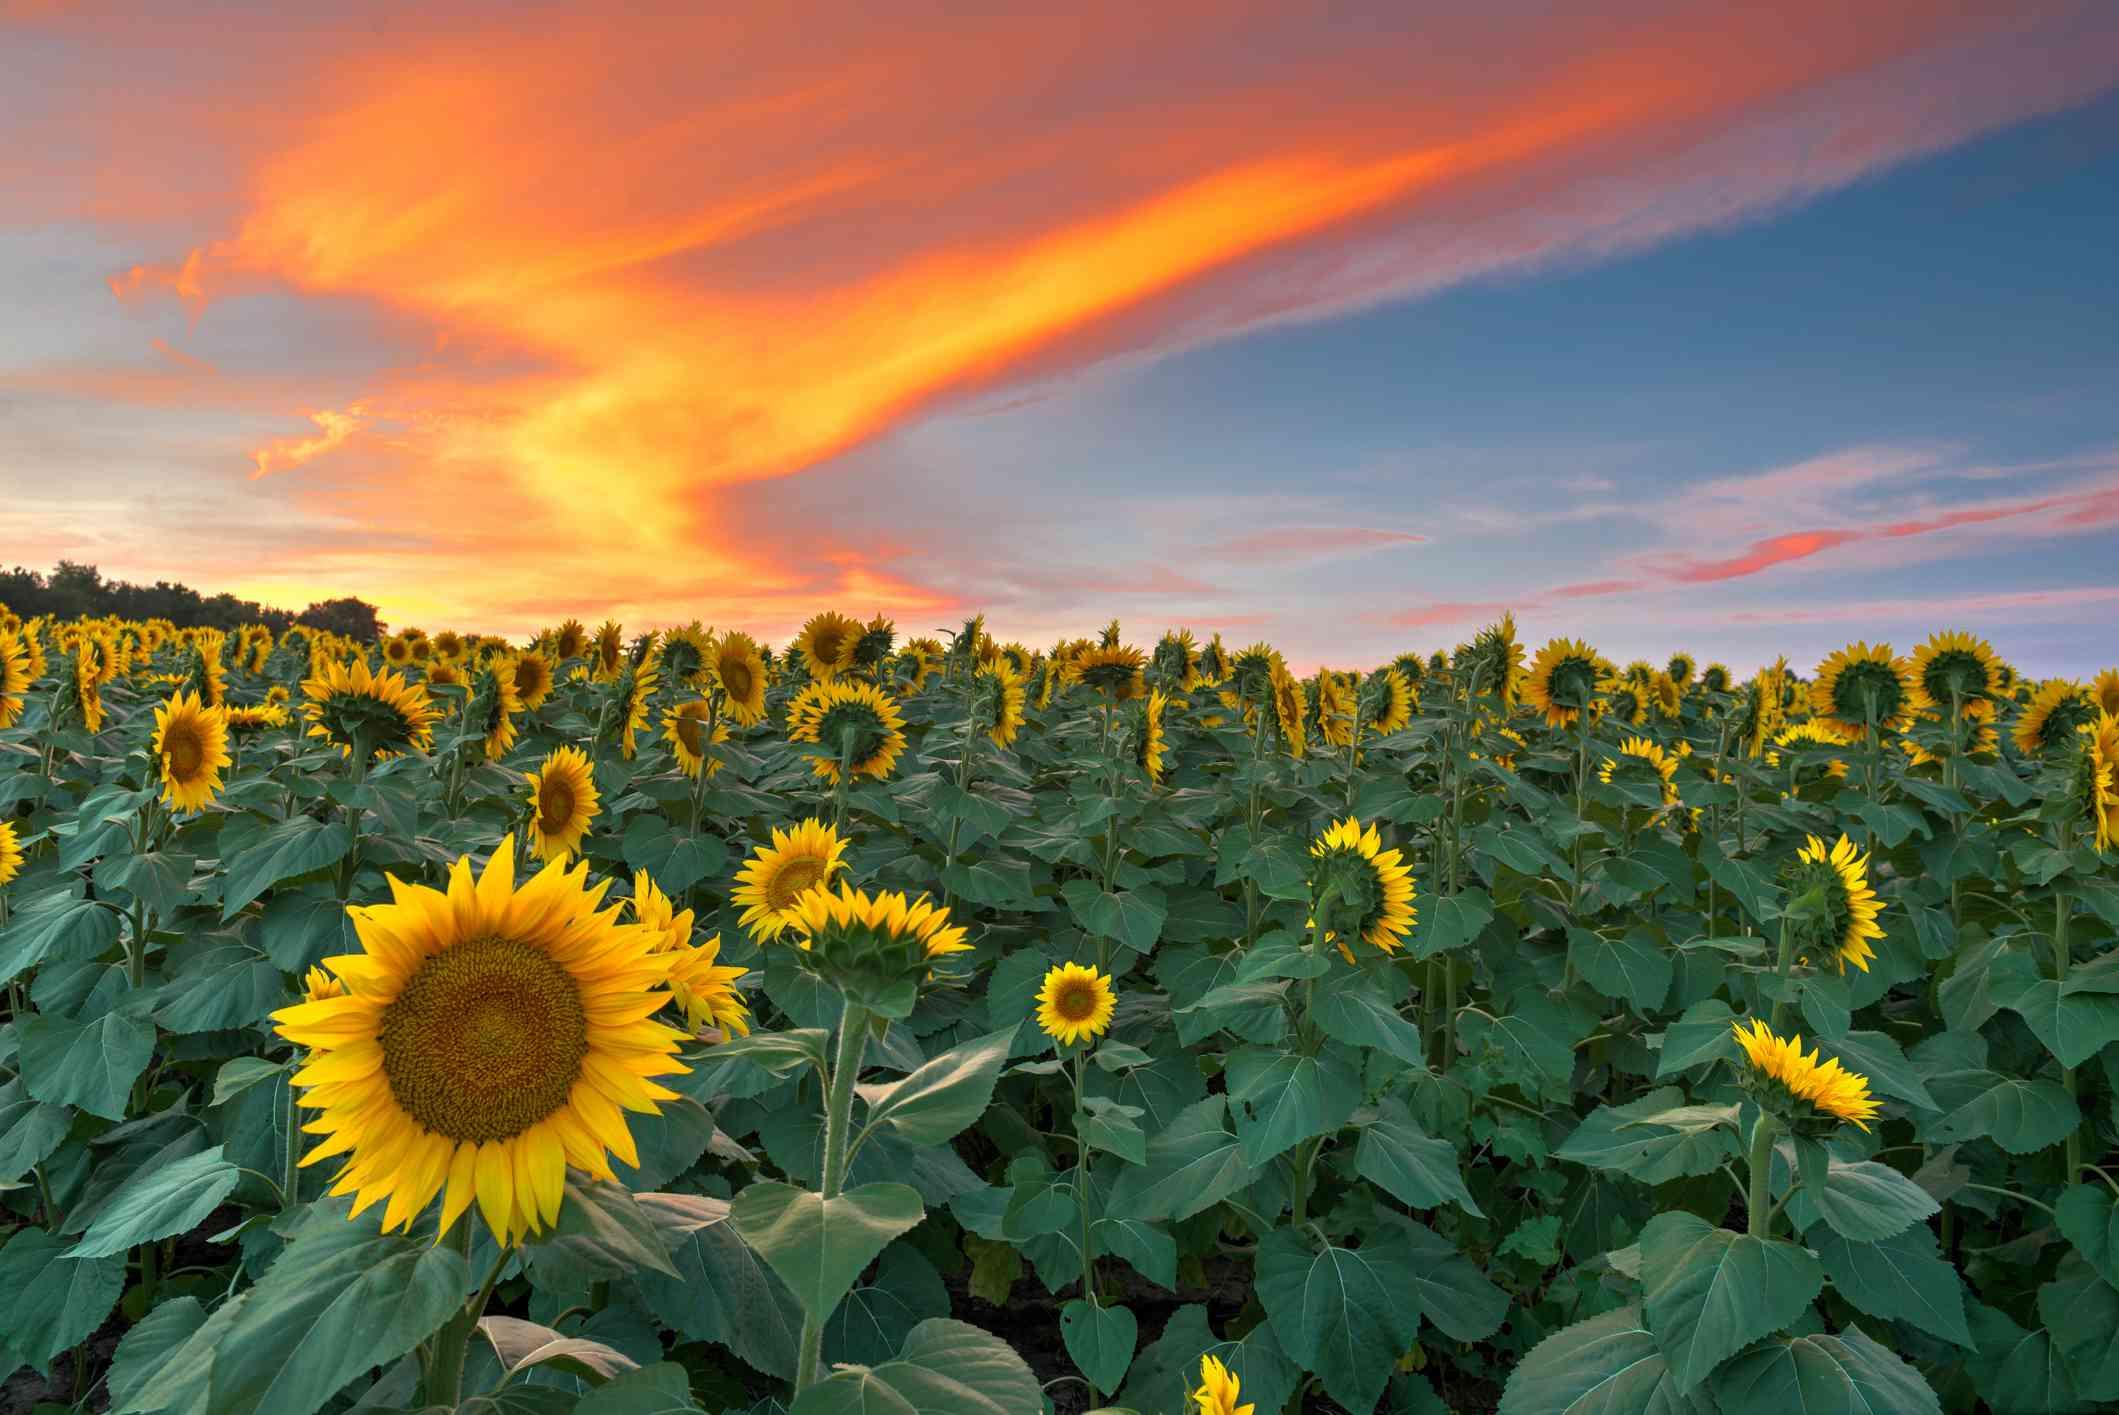 Sunflower field in Lawrence, Kansas